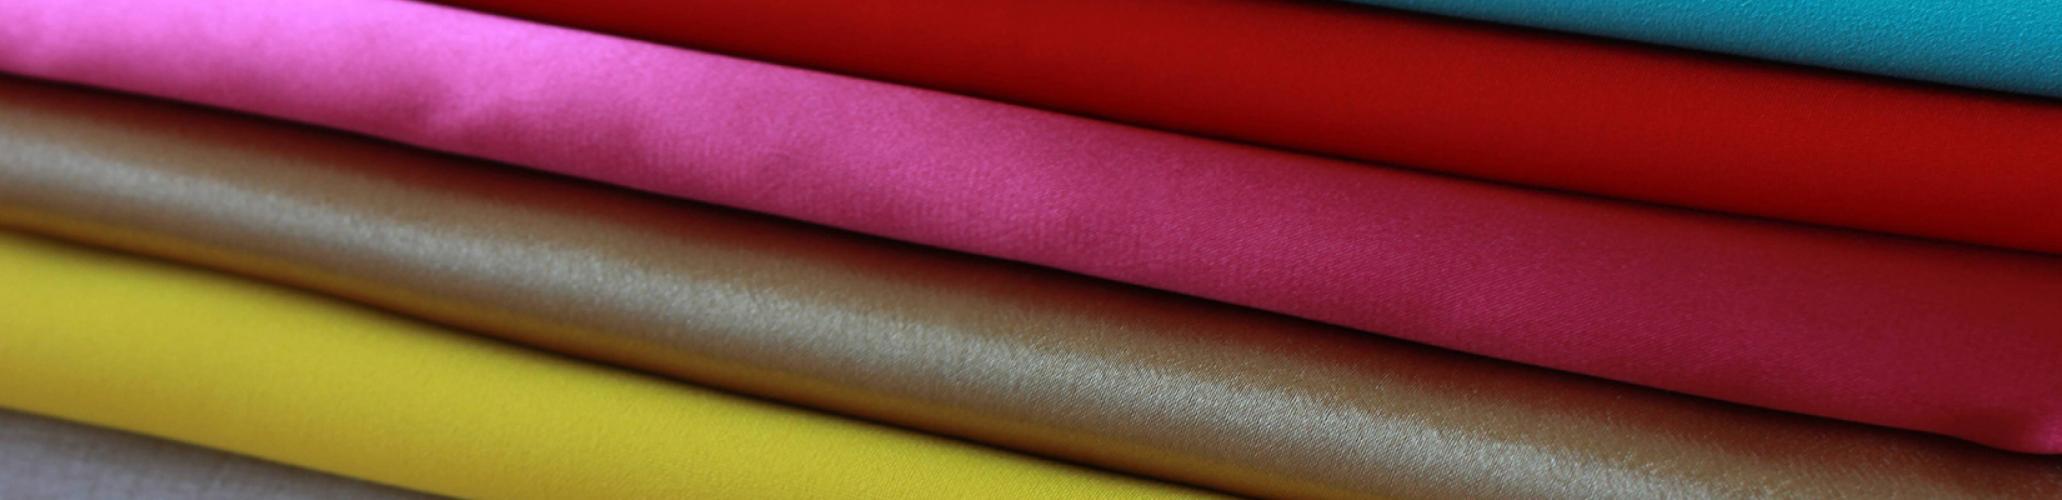 Материал постельного белья: какой выбрать?